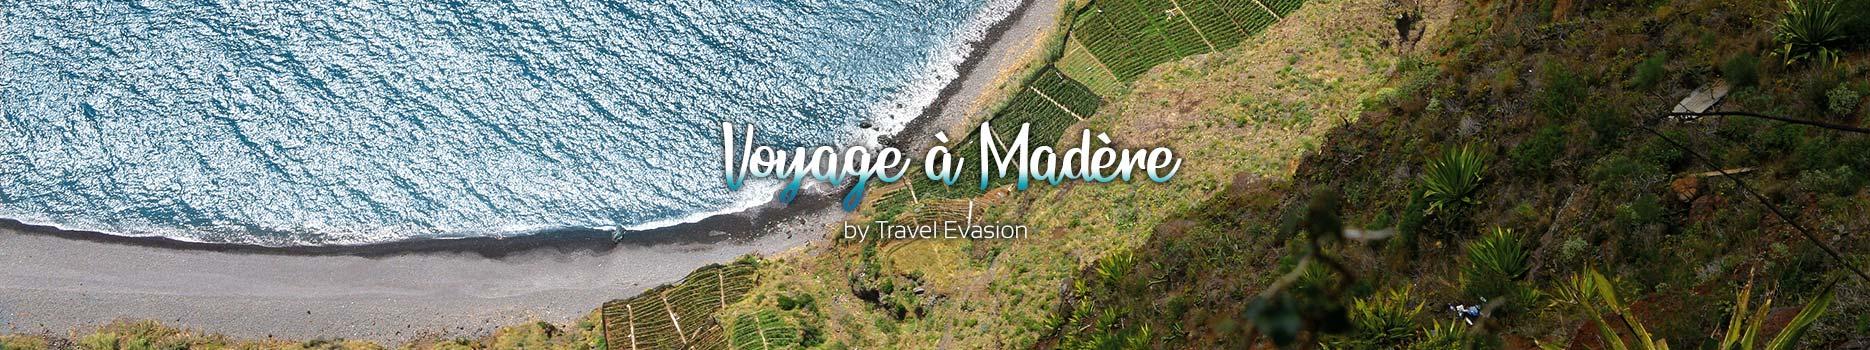 Voyage à Madère, des séjours hotels à Funchal au bon prix.